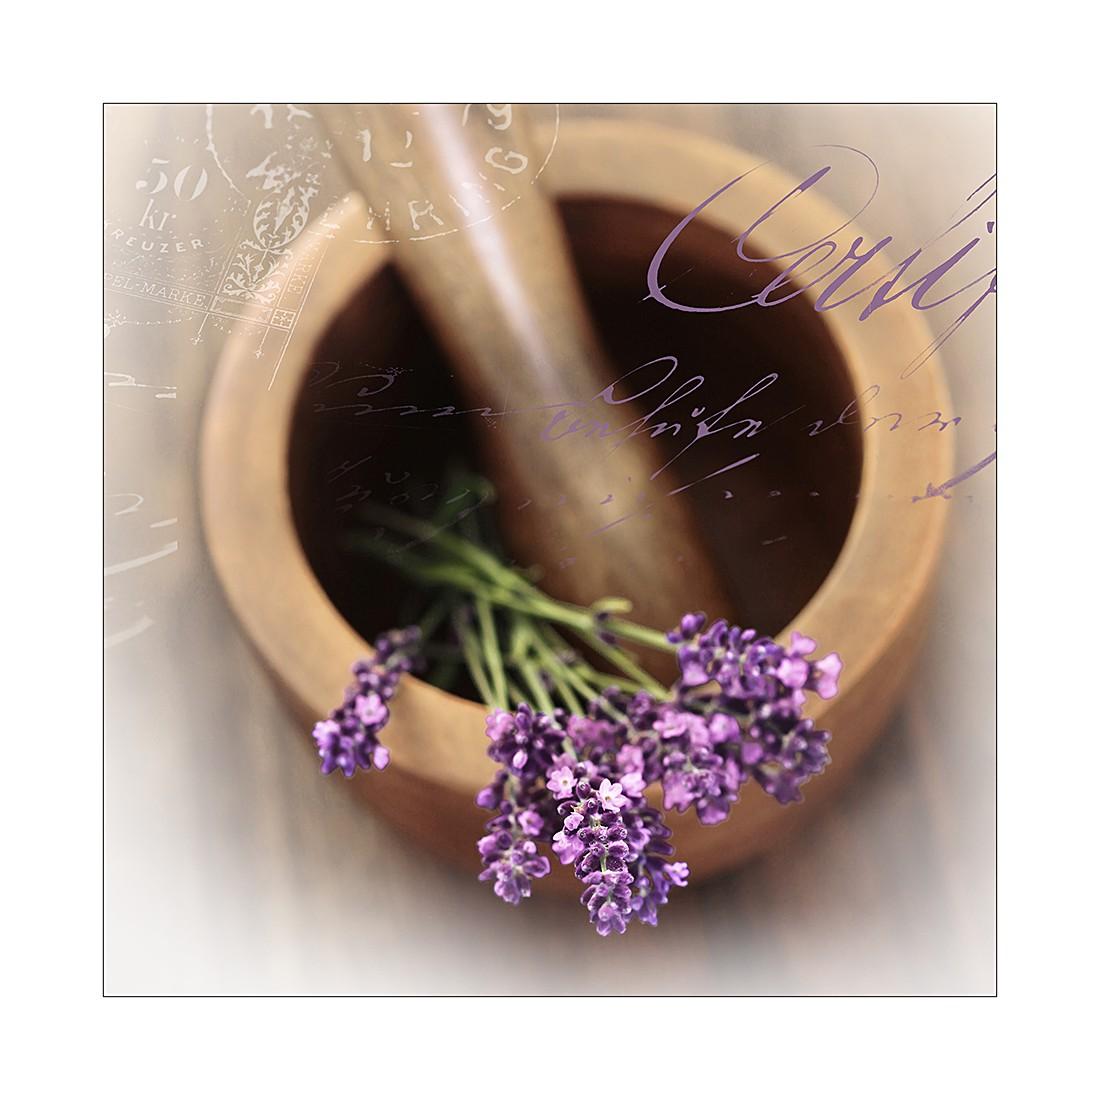 Kunstdruk lovely lavender I - 30x30cm, Pro Art